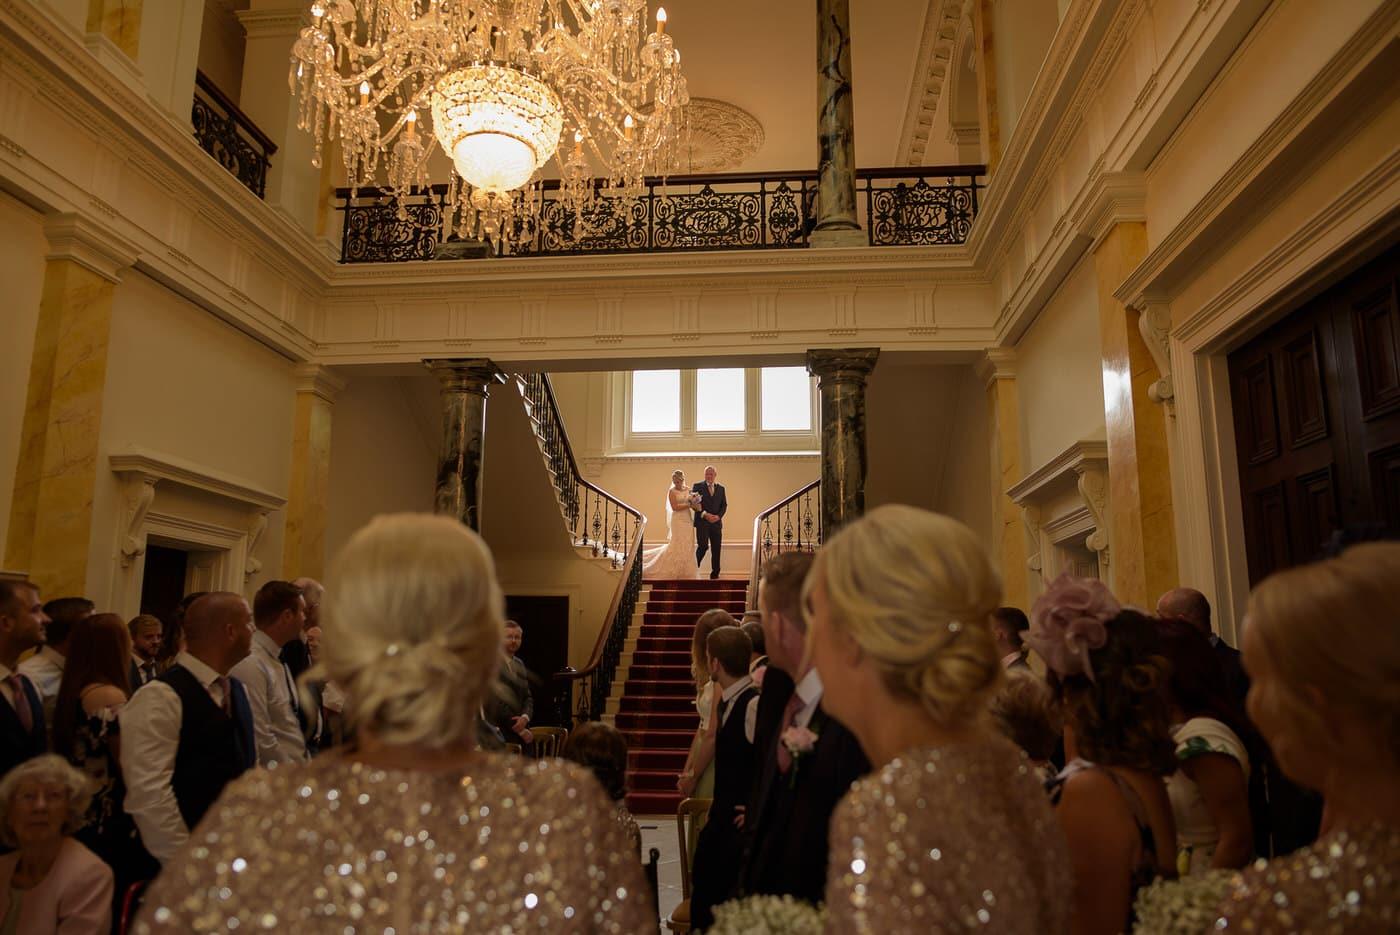 NETLEY HALL WEDDING PHOTOGRAPHER 1264